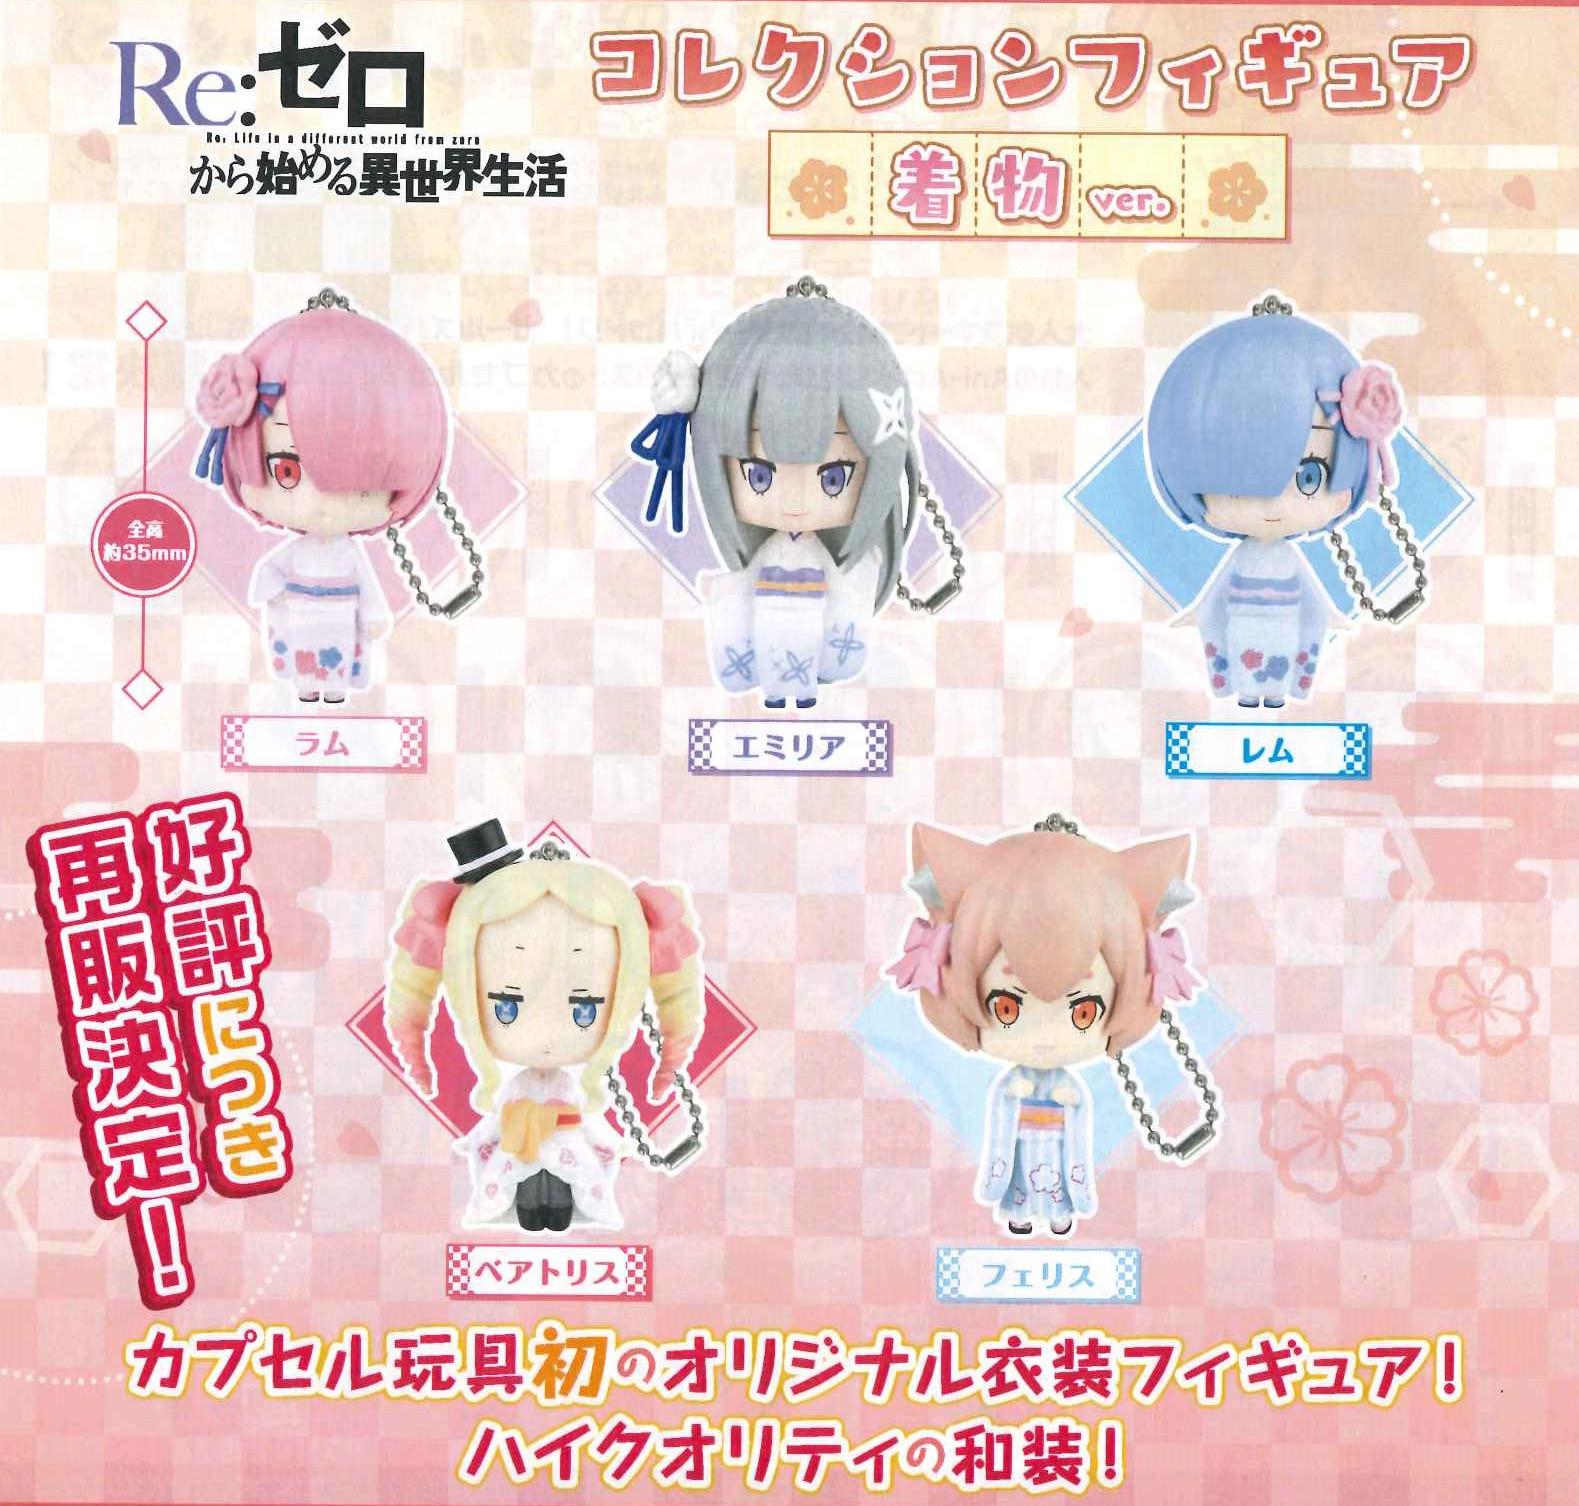 Bushiroad Re Zero kara Hajimeru Isekai Seikatsu Key chain Kimono Figure Ferris